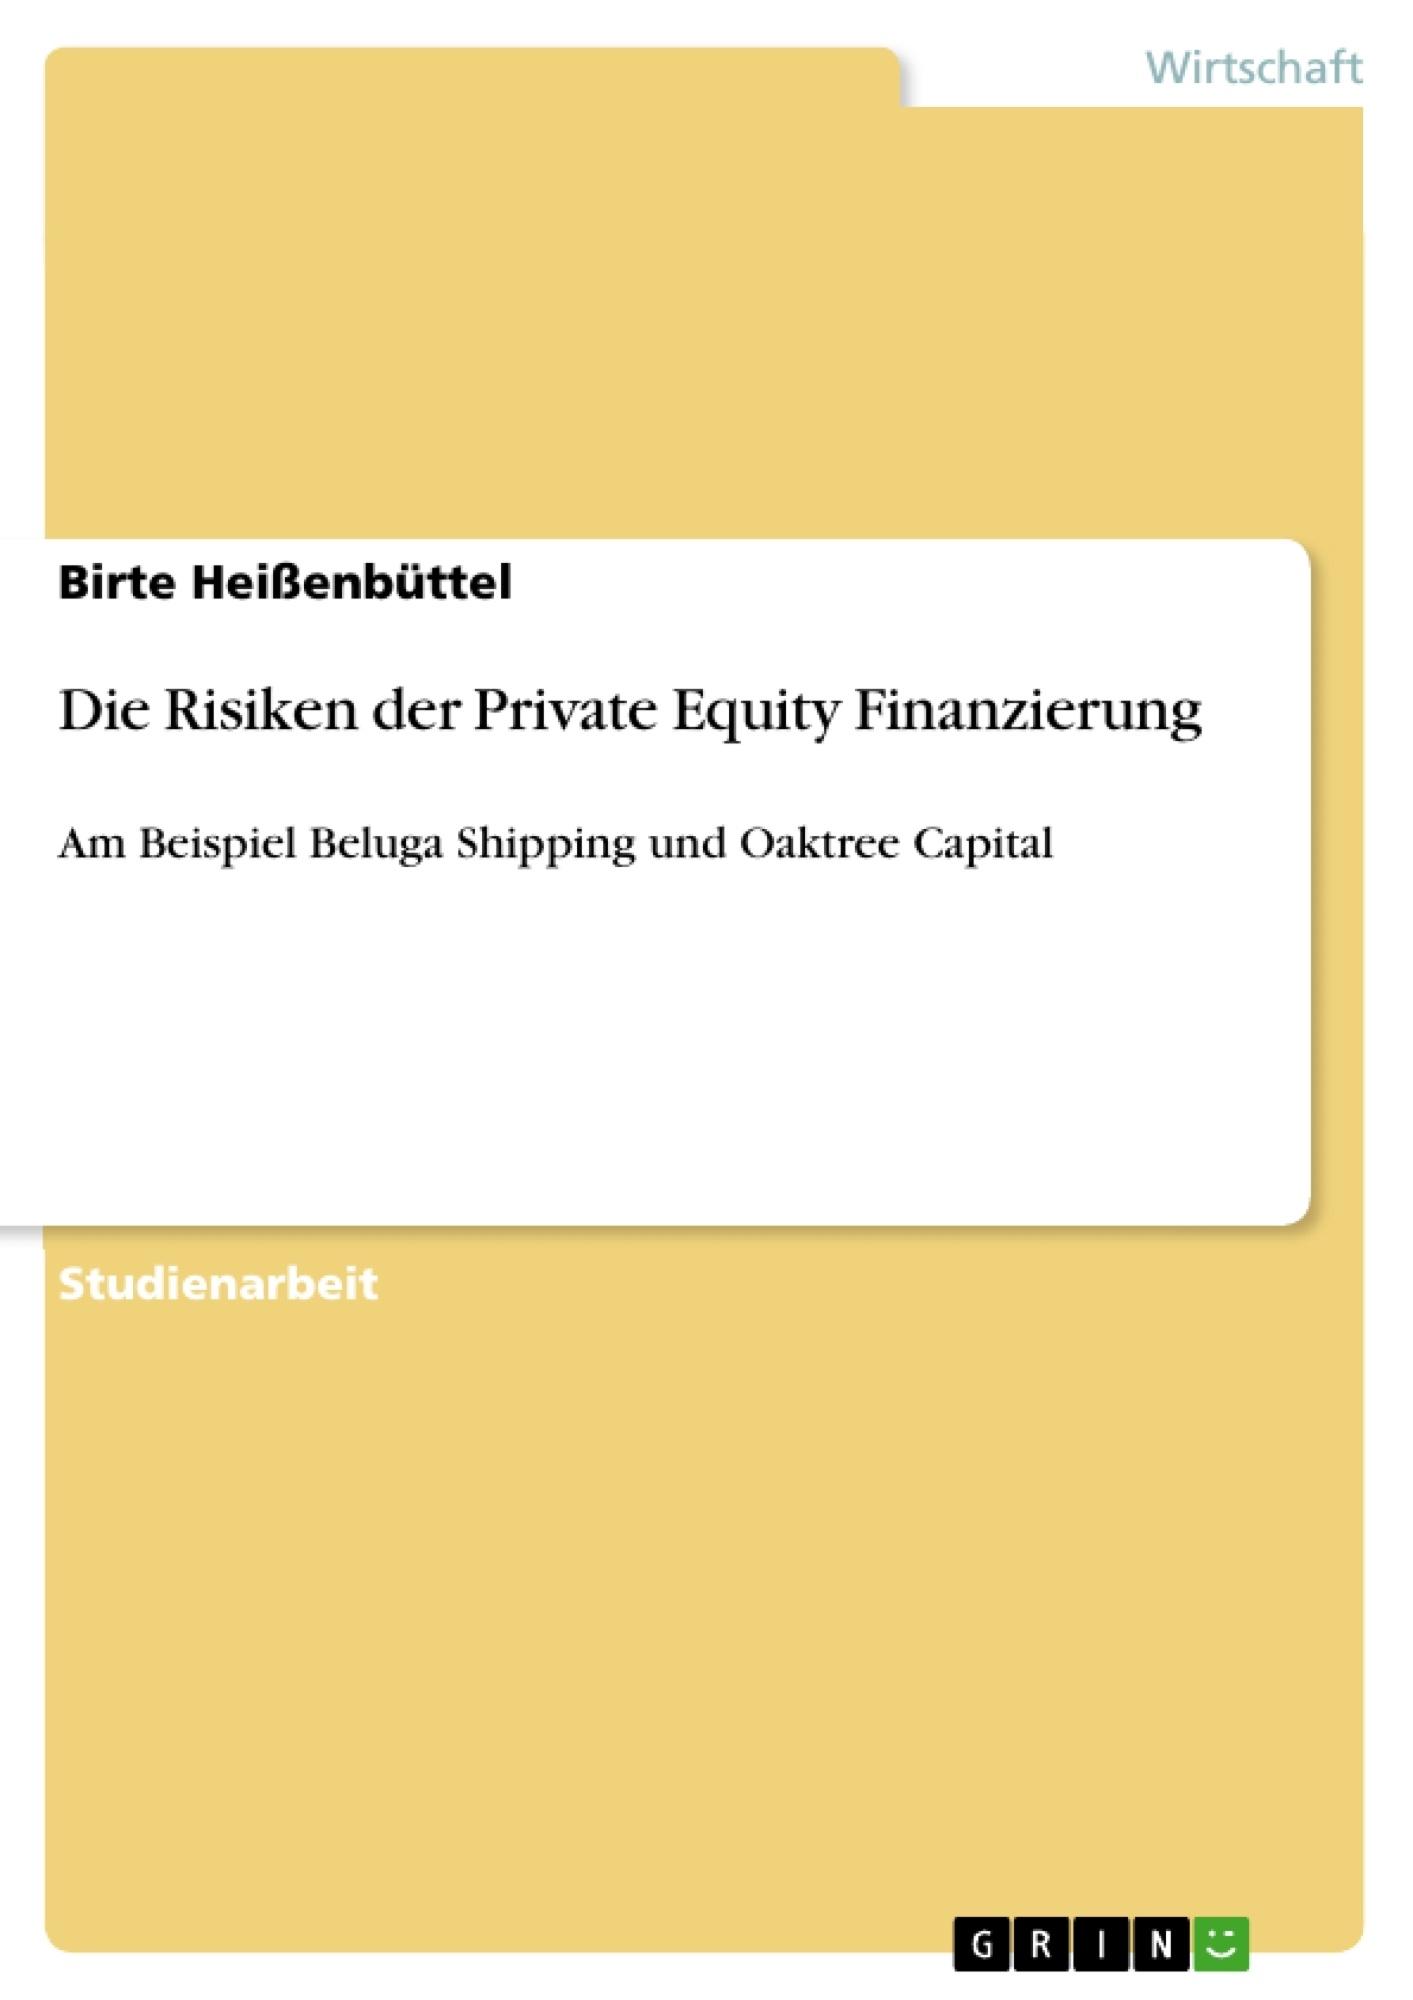 Titel: Die Risiken der Private Equity Finanzierung